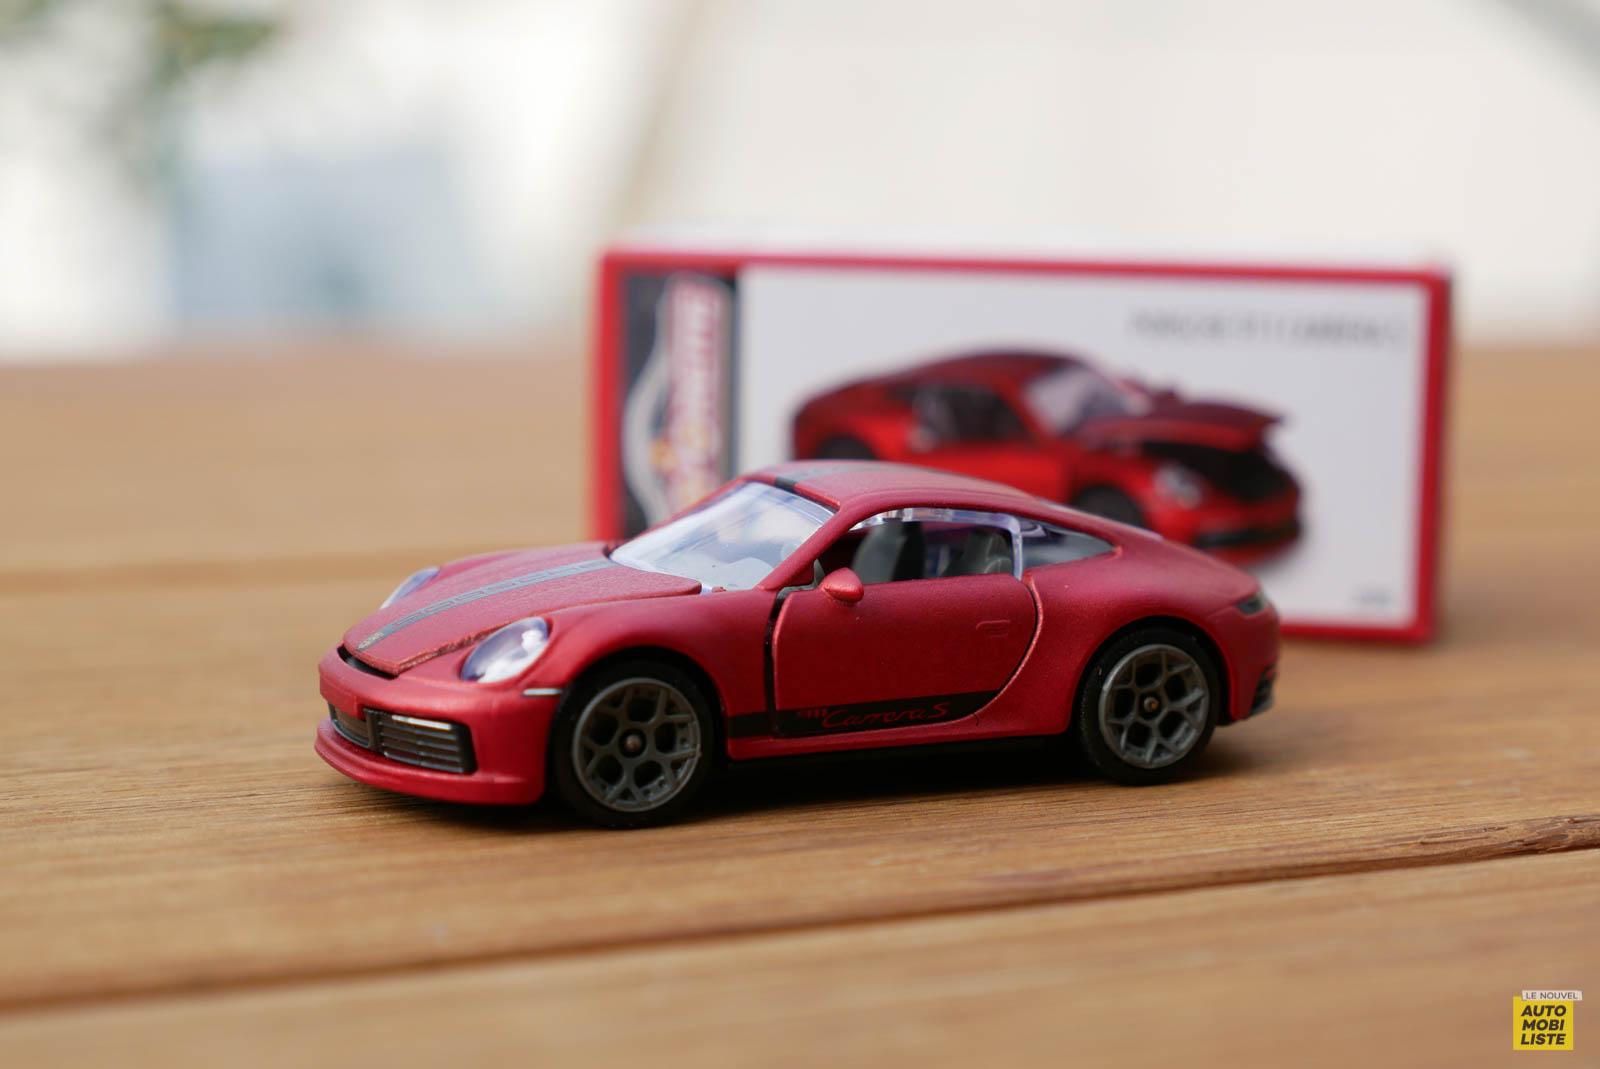 LNA Salon 2001 Nuremberg Majorette Porsche 911 992 2